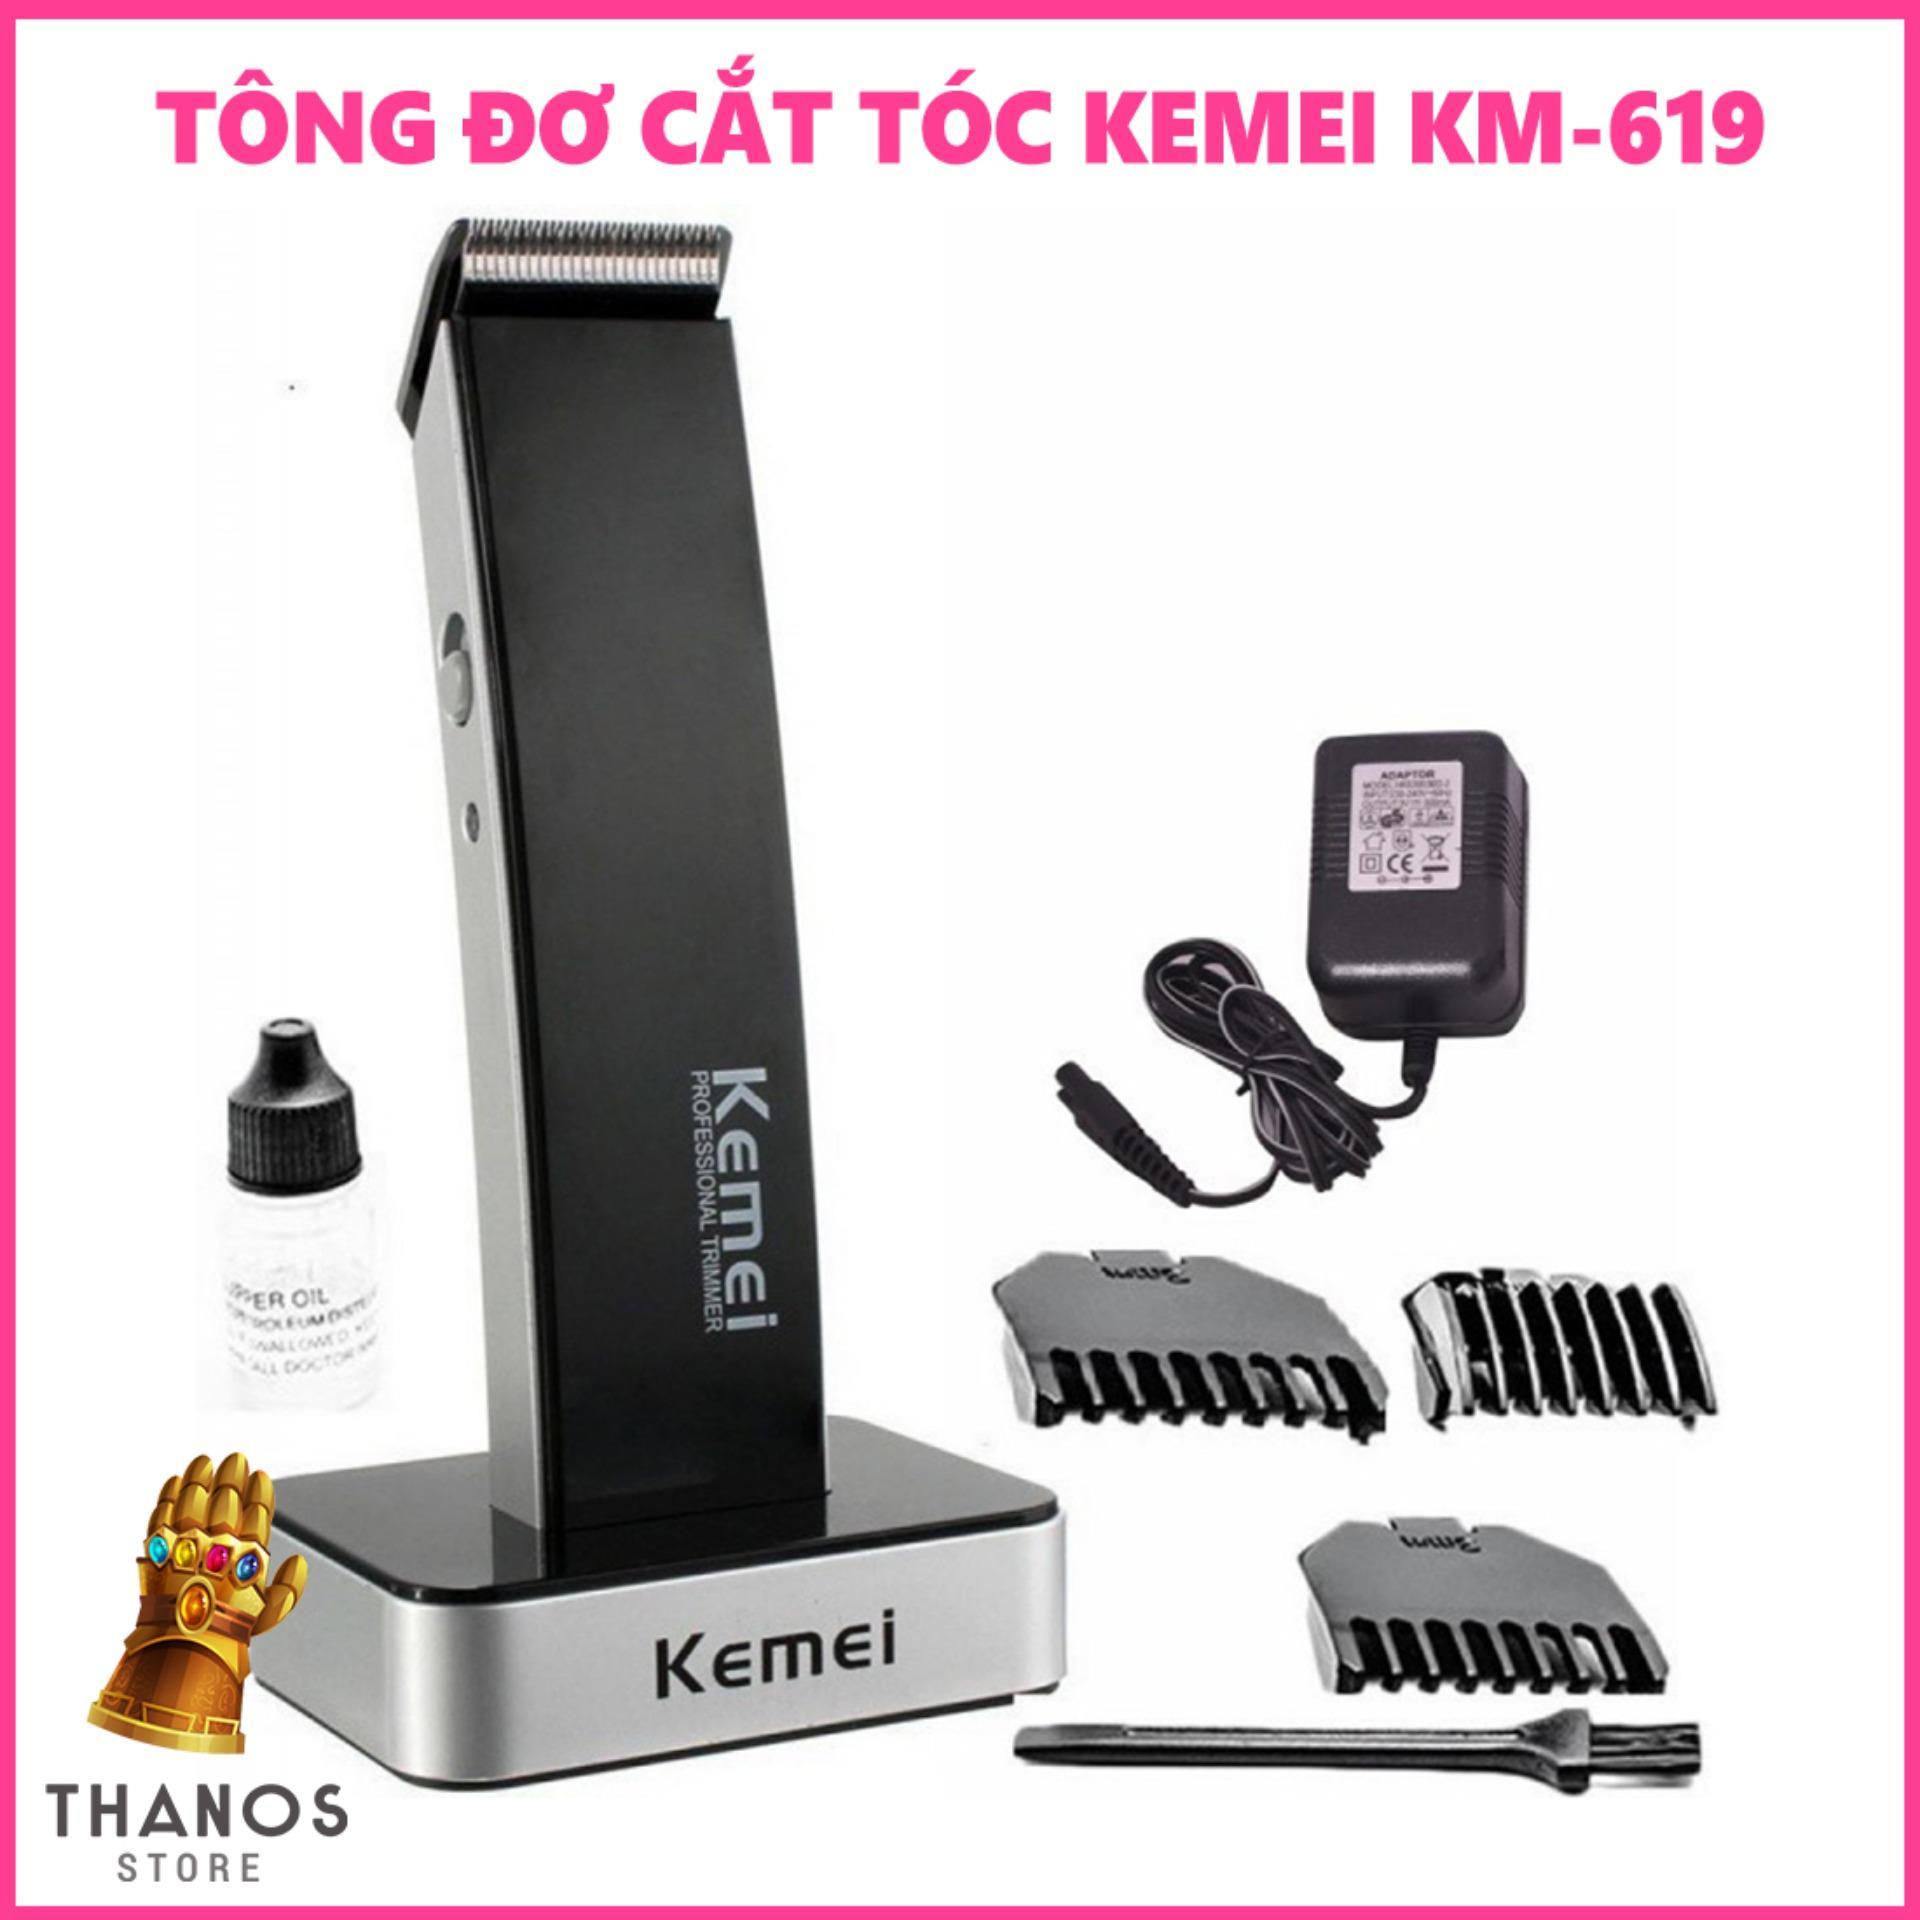 Tông đơ cắt tóc Kemei KM-619 - Thanos Store nhập khẩu